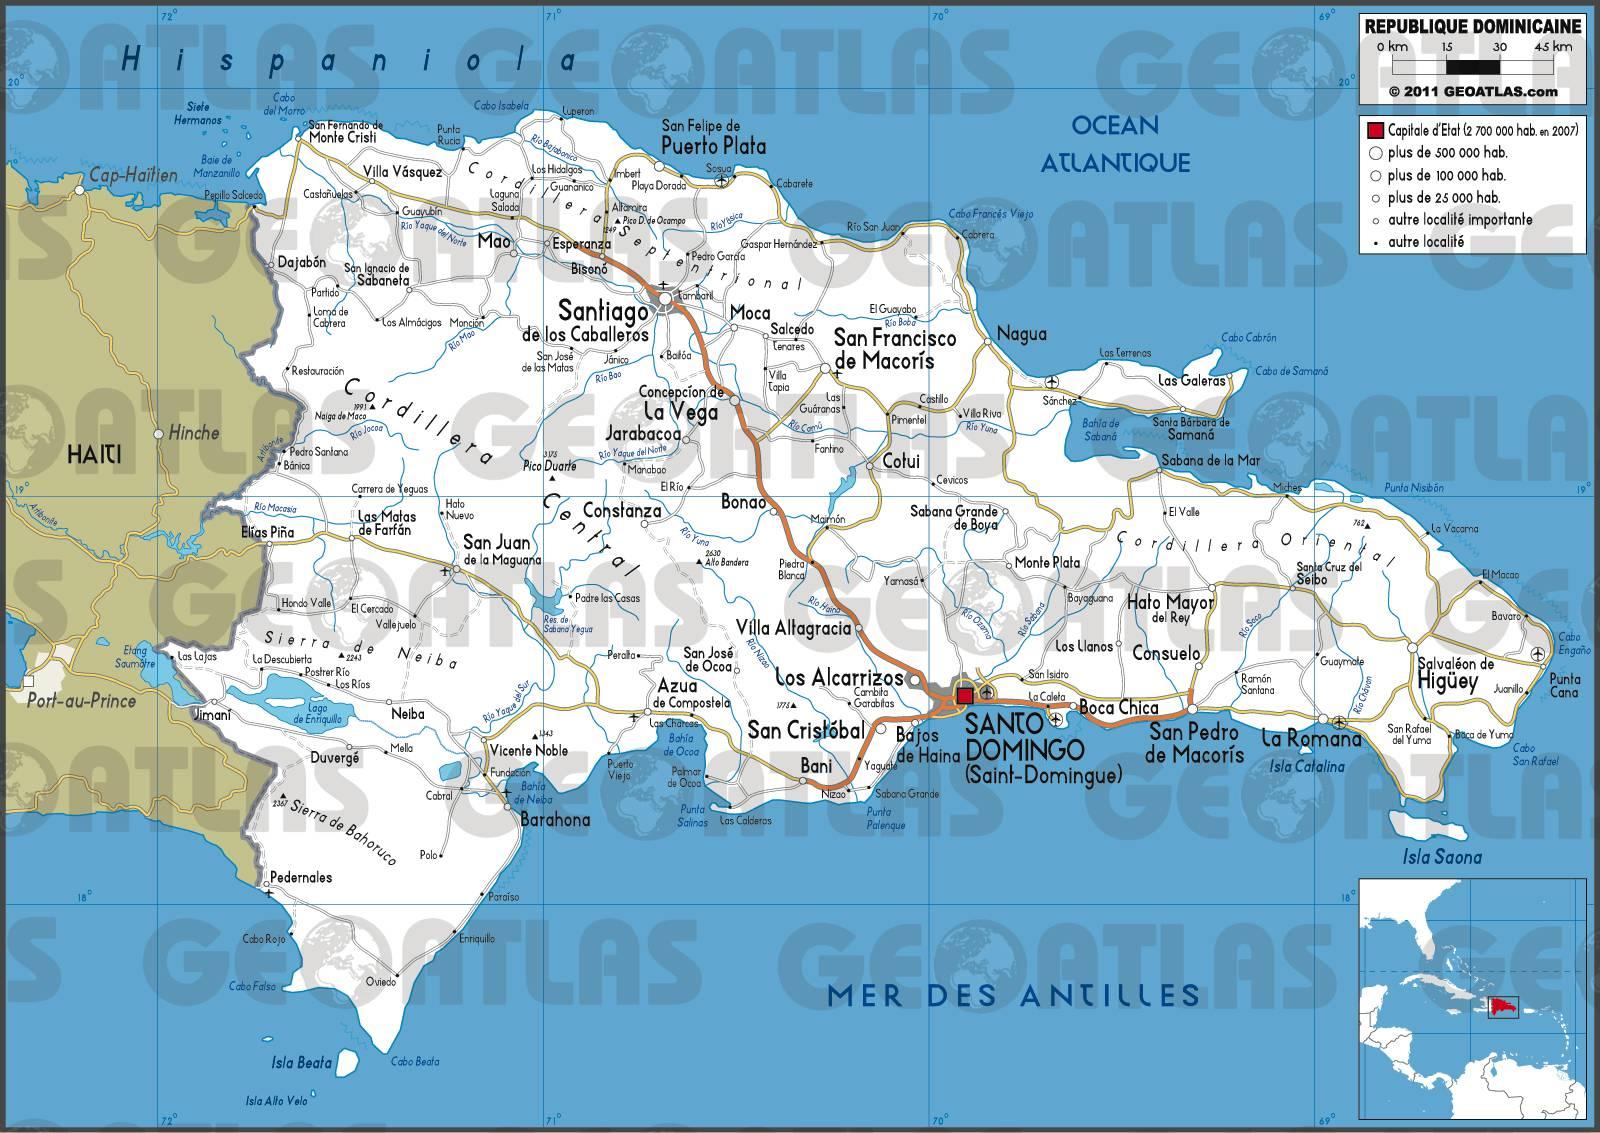 Carte routière de la République dominicaine